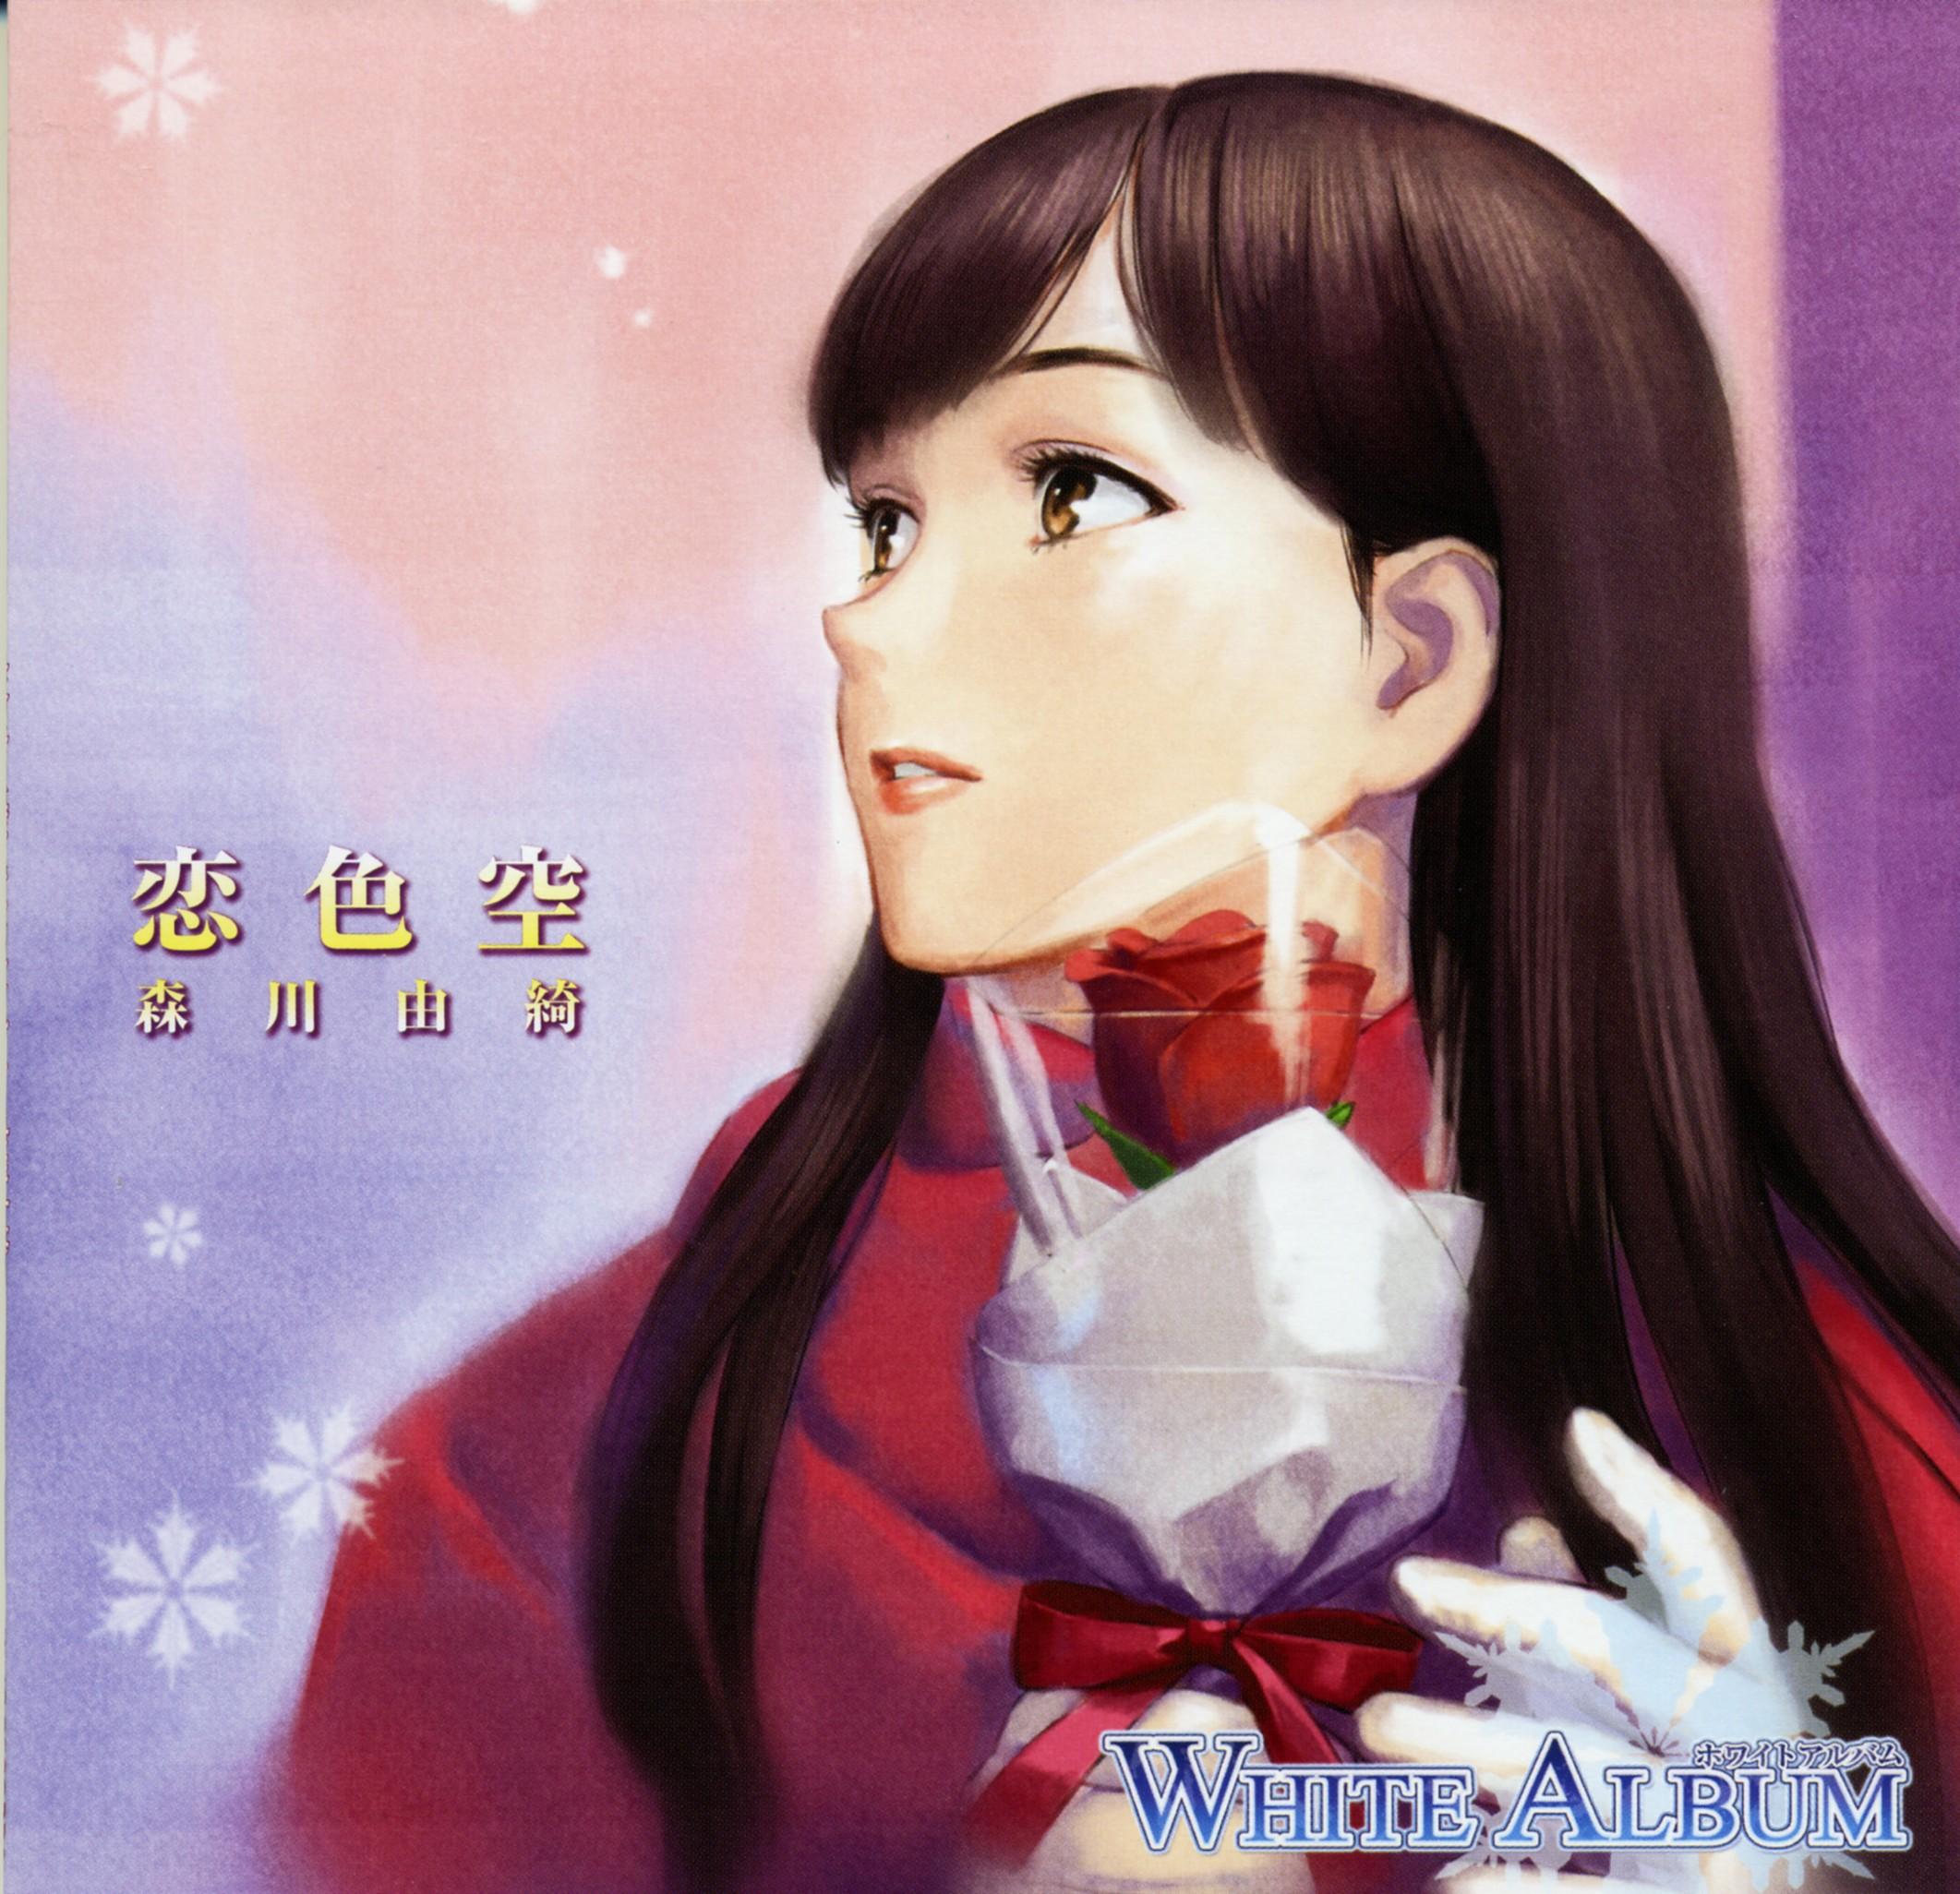 20160929.01.13 Aya Hirano - Koiiro Sora cover.jpg